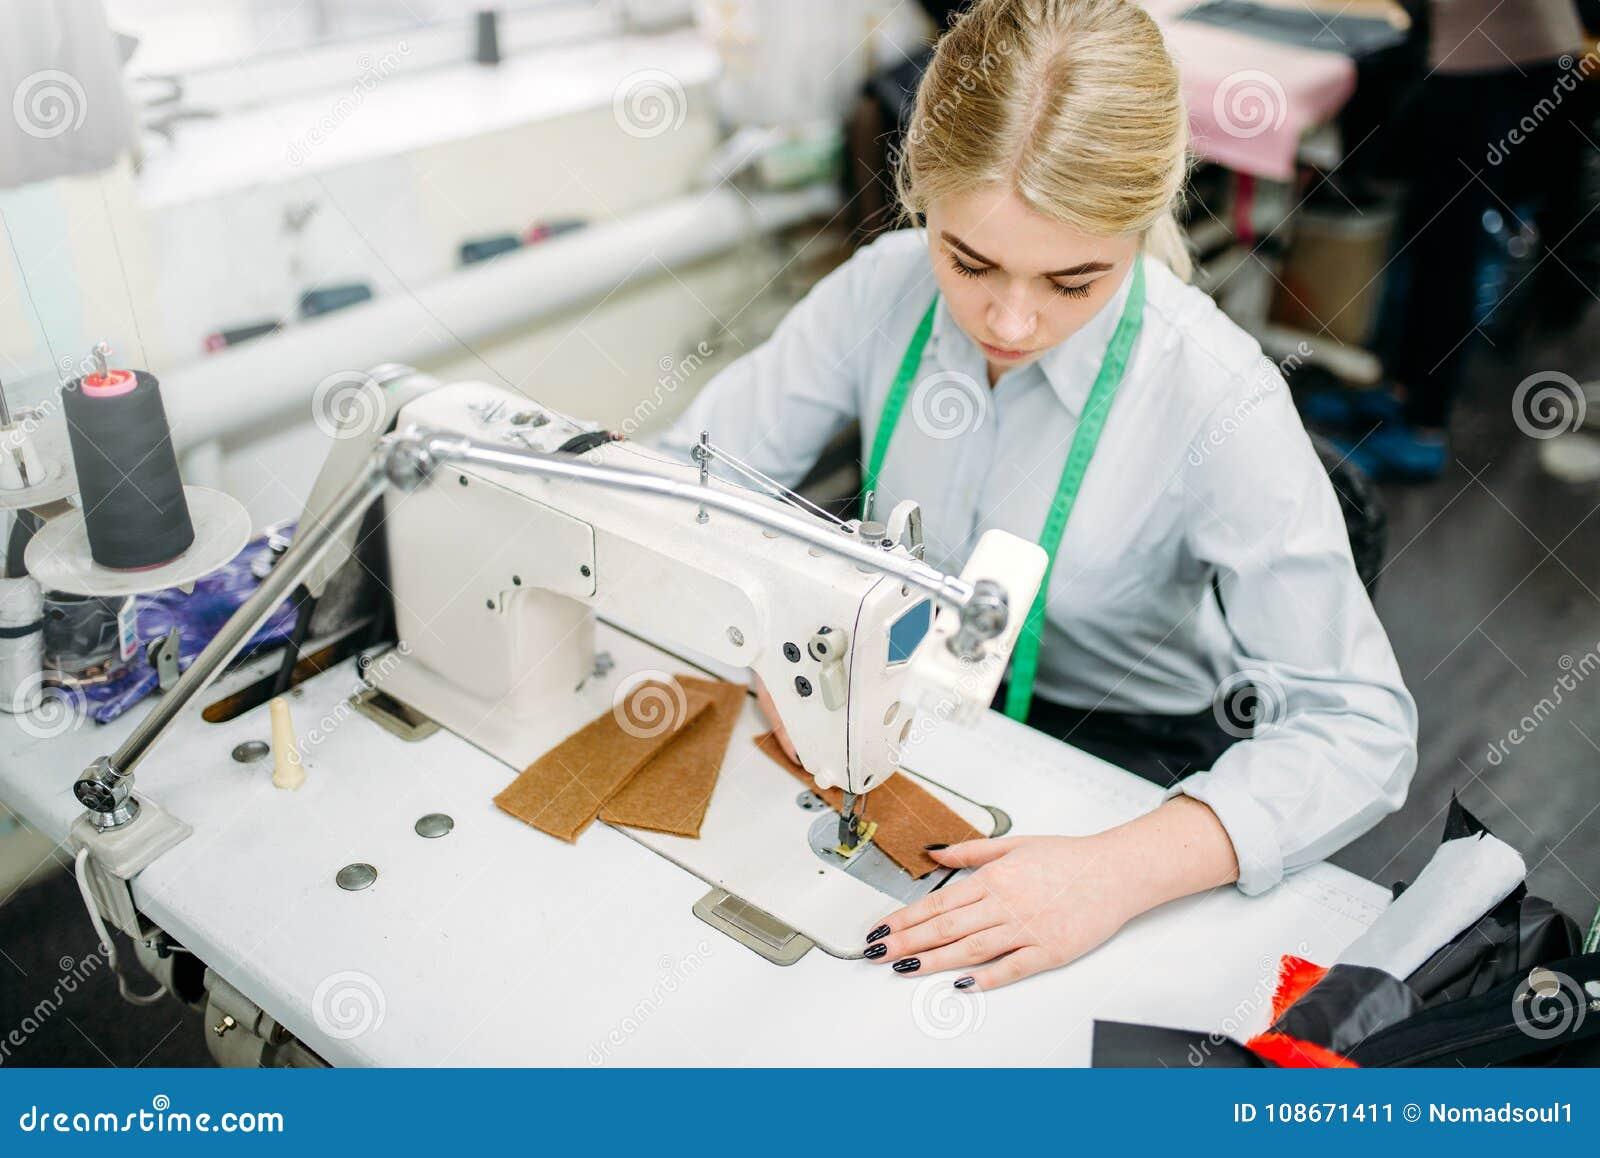 女裁缝缝合在一台缝纫机的织品